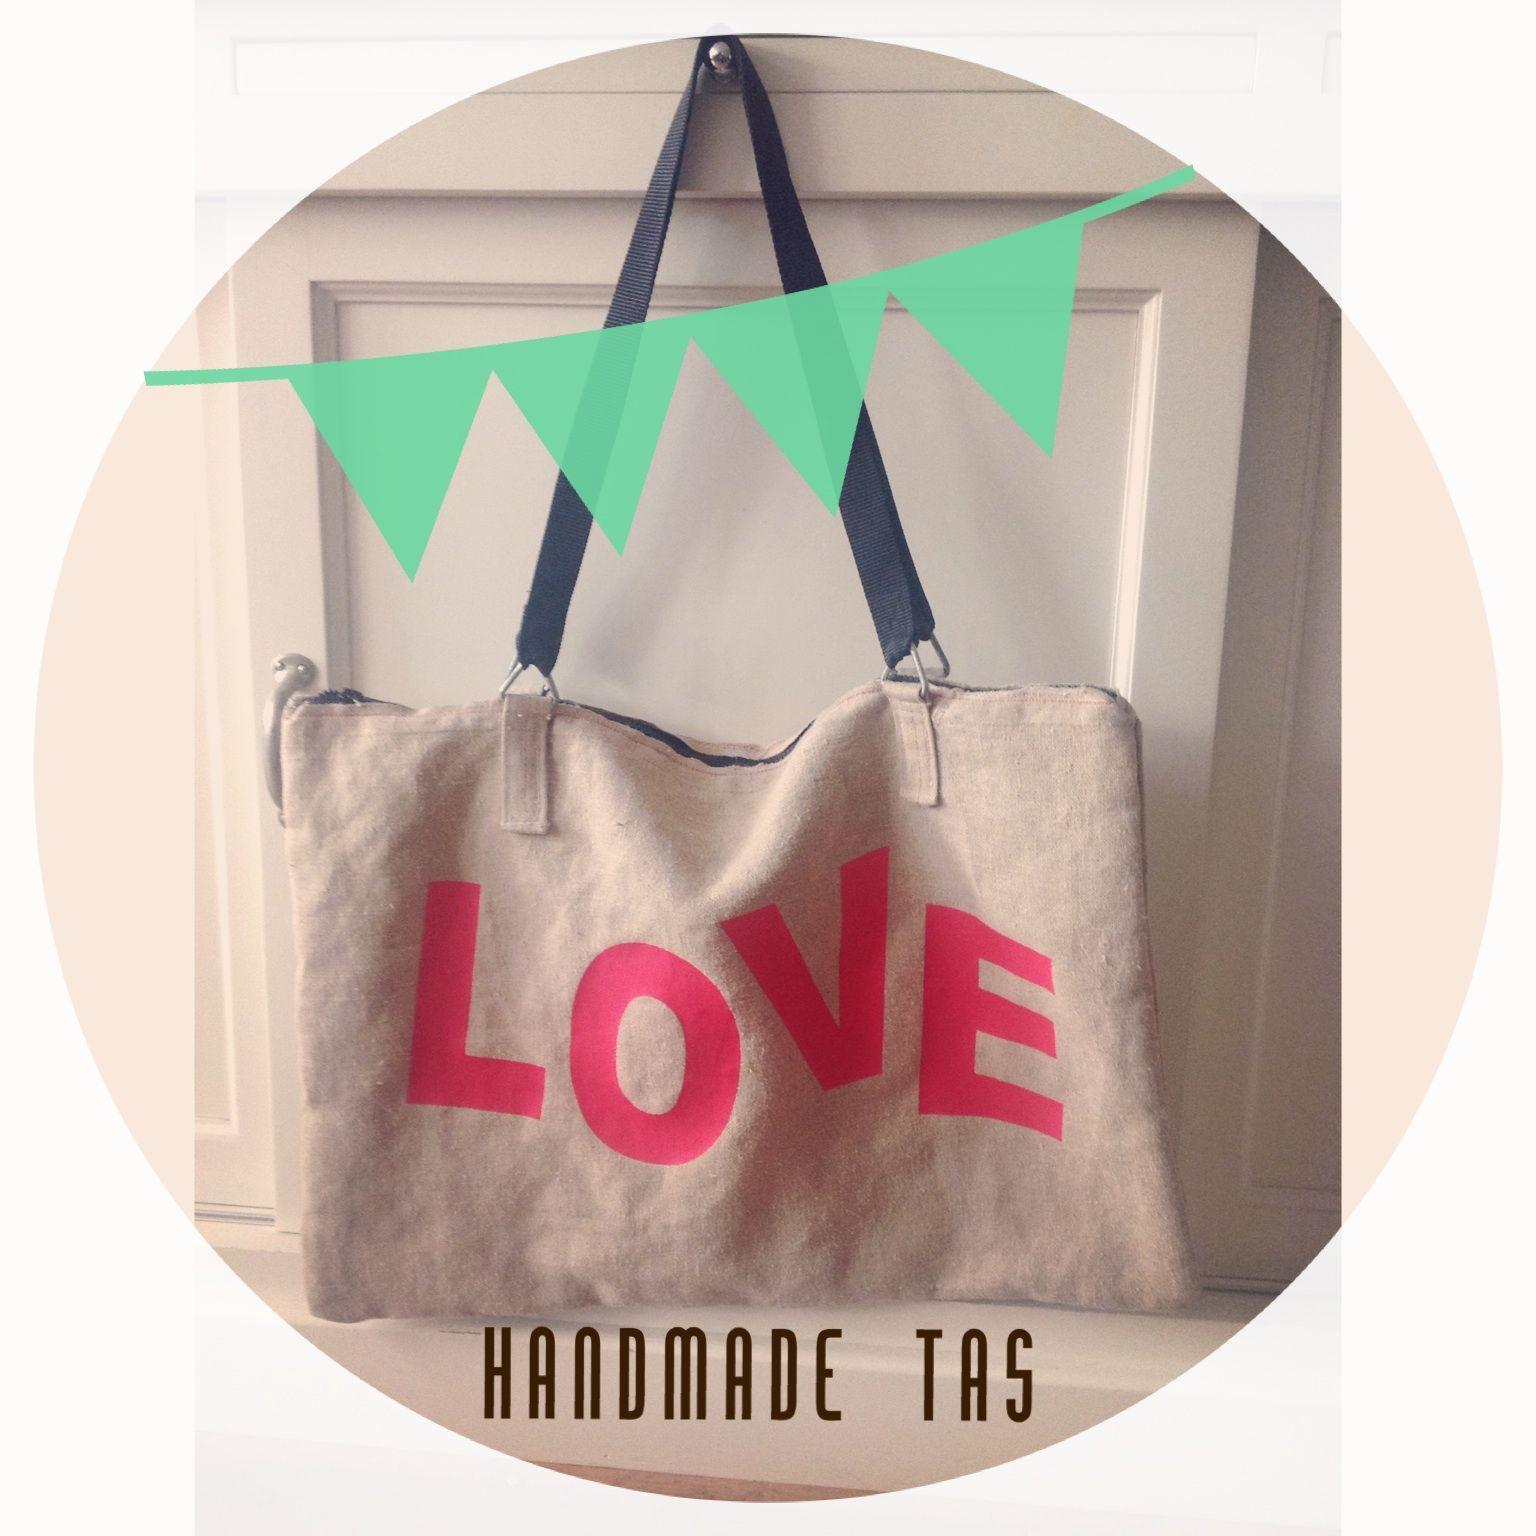 Handmade bag made out of Postbag. #postzak #postbag #diy bag